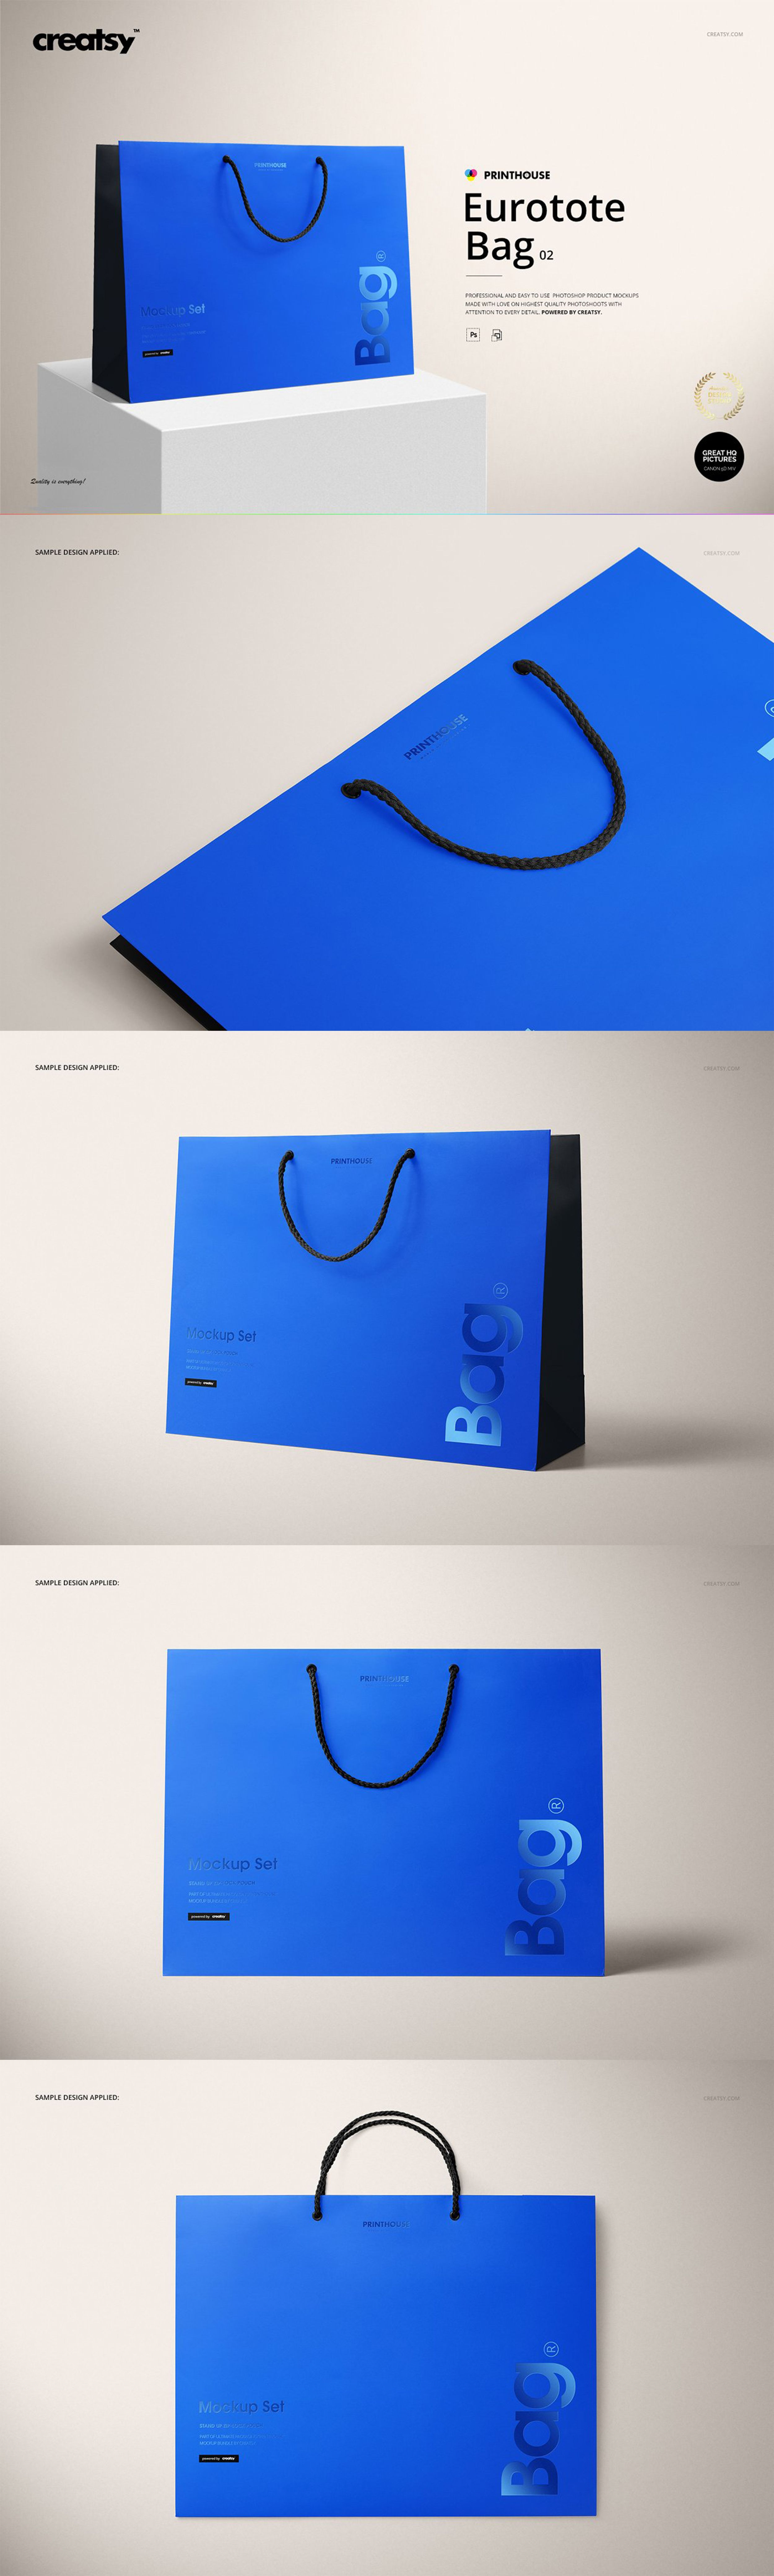 Download Eurotote Bag Mockup Set Templates Mockup Psd Phone Mockups Mockup Design Beg Design Packaging Diagram Design Web App Design Web Layout Design